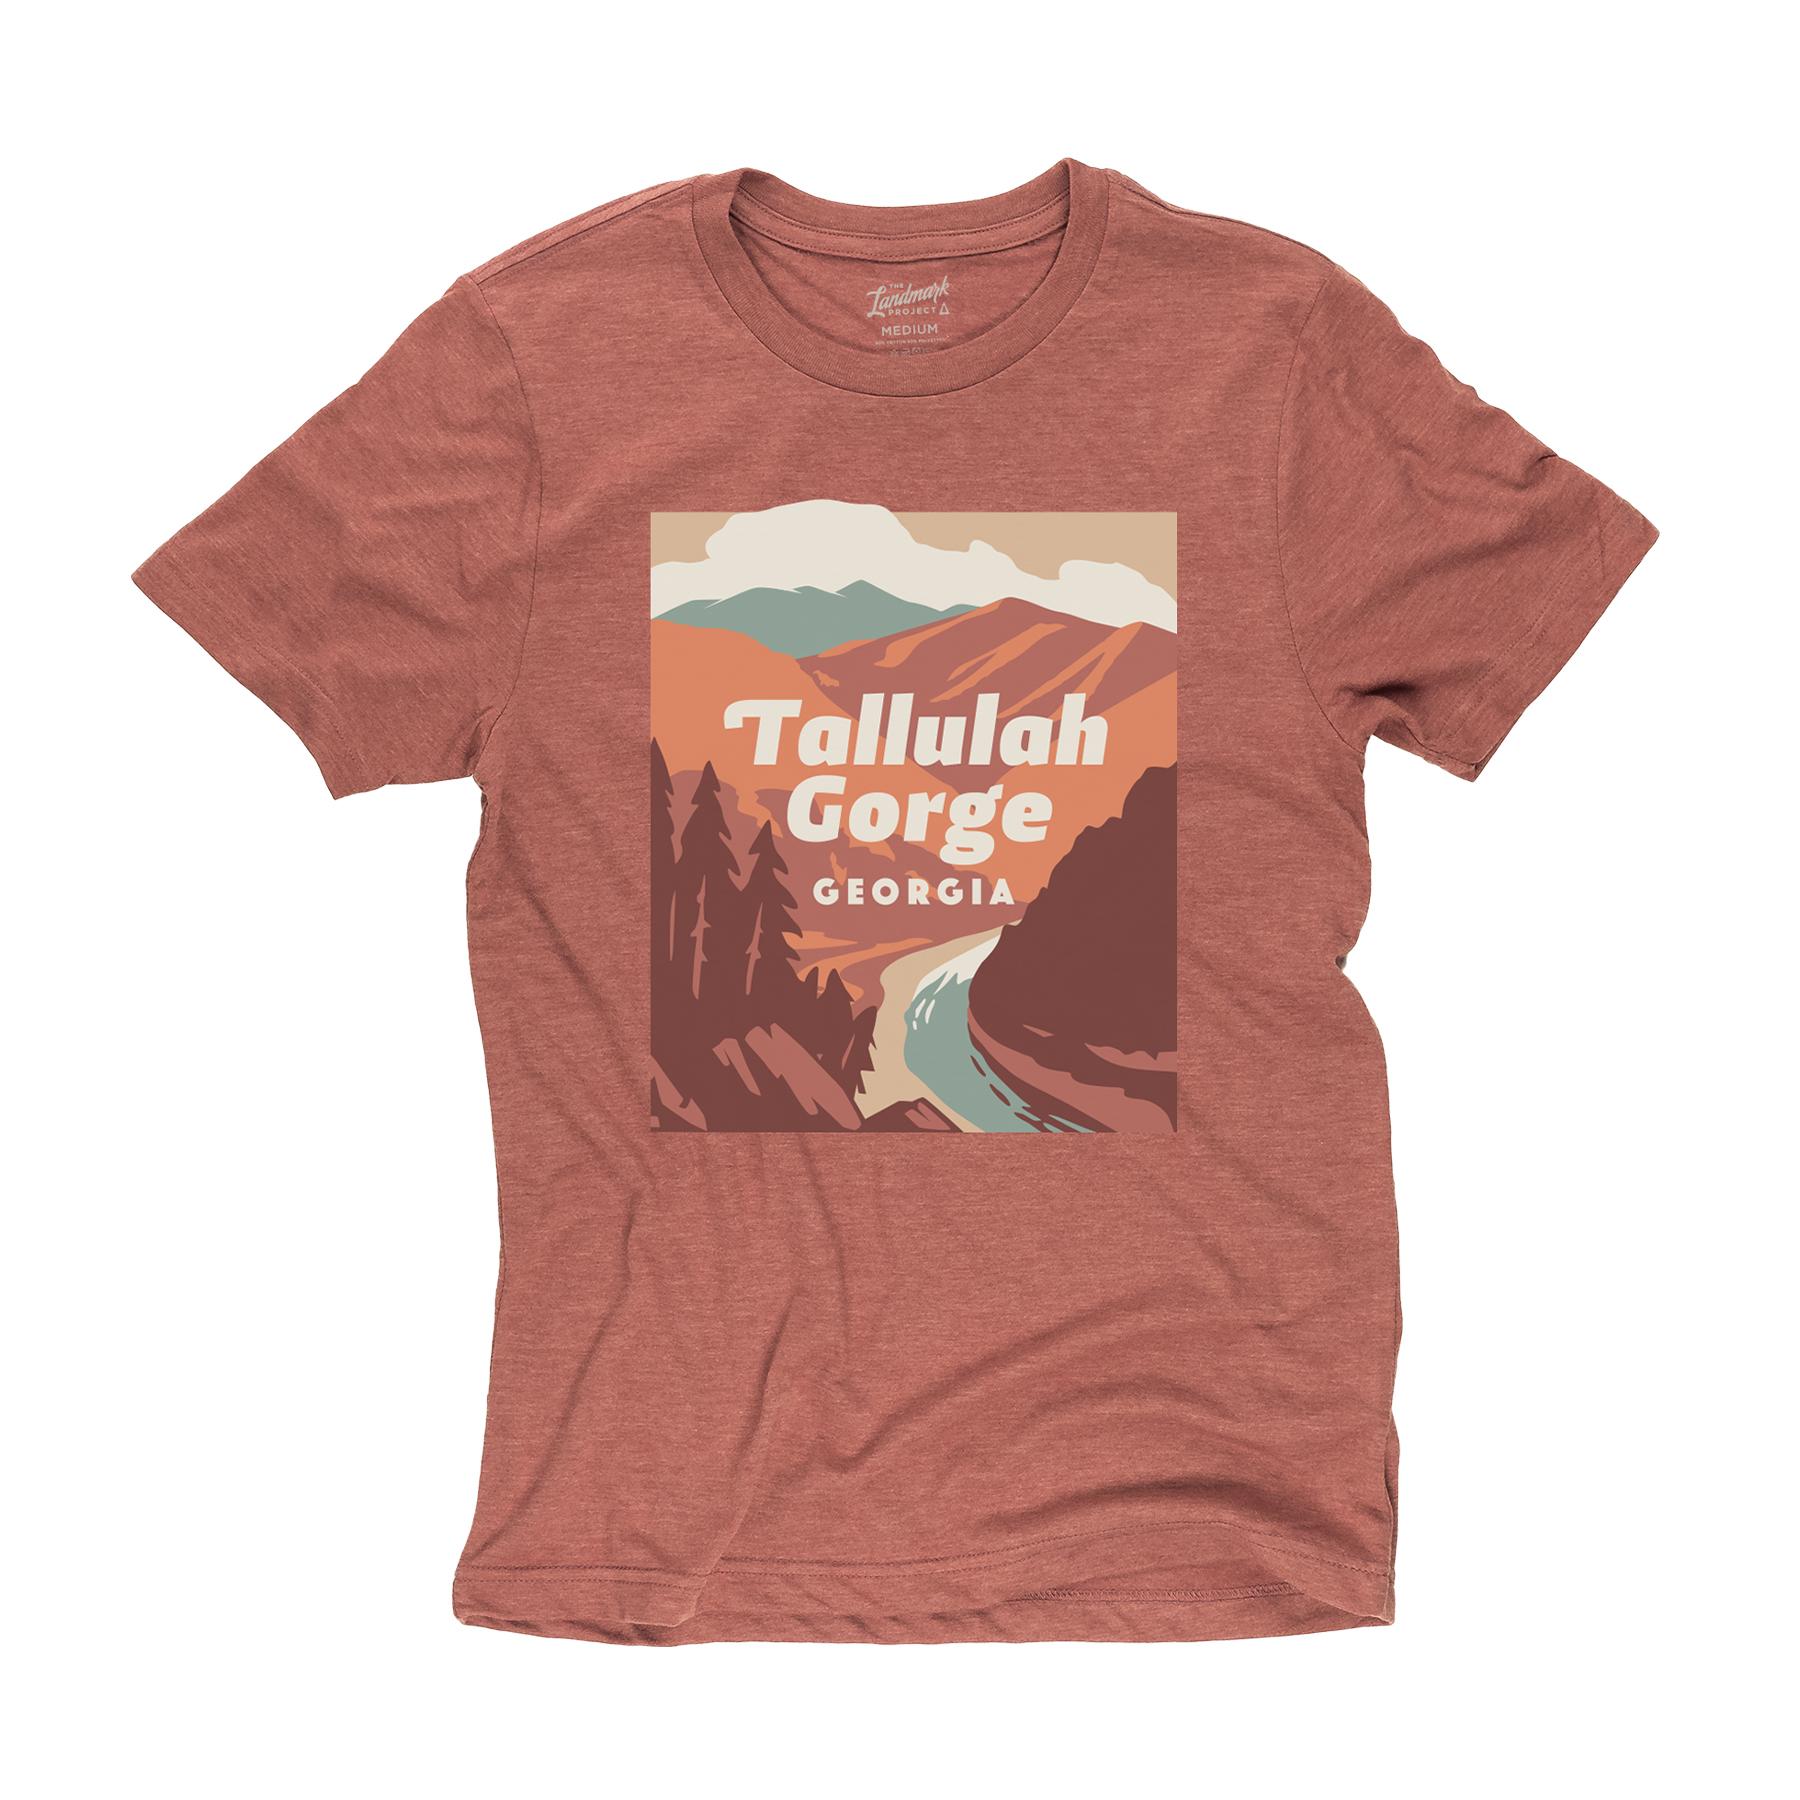 tallulah-gorge-tee-redrocks.jpg